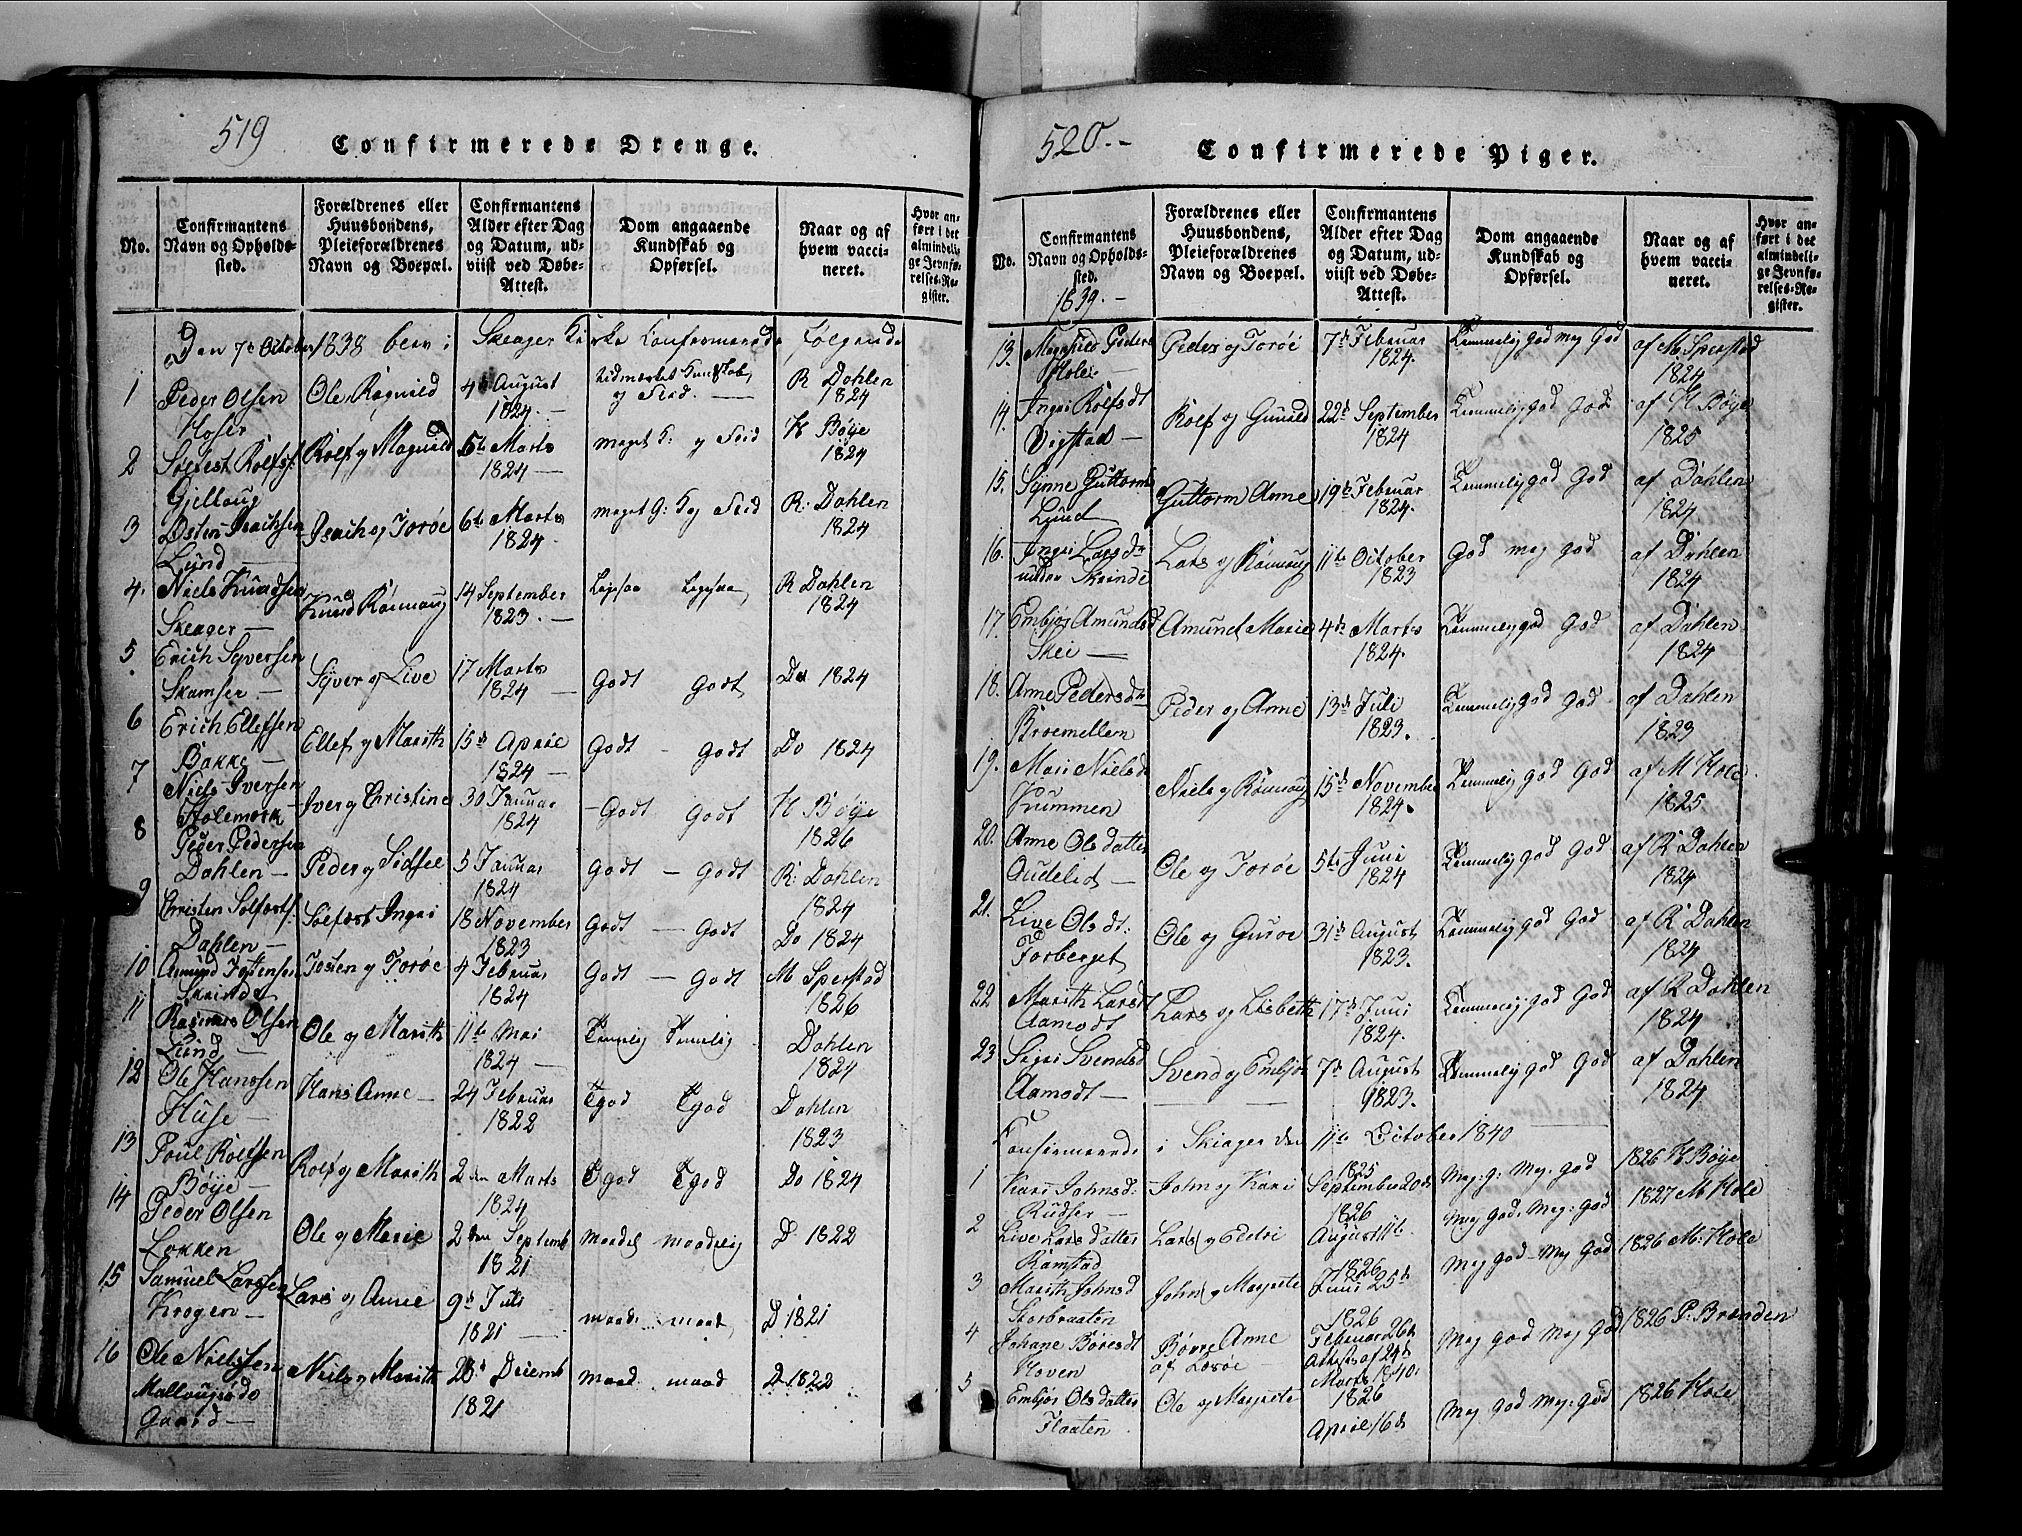 SAH, Lom prestekontor, L/L0003: Klokkerbok nr. 3, 1815-1844, s. 519-520